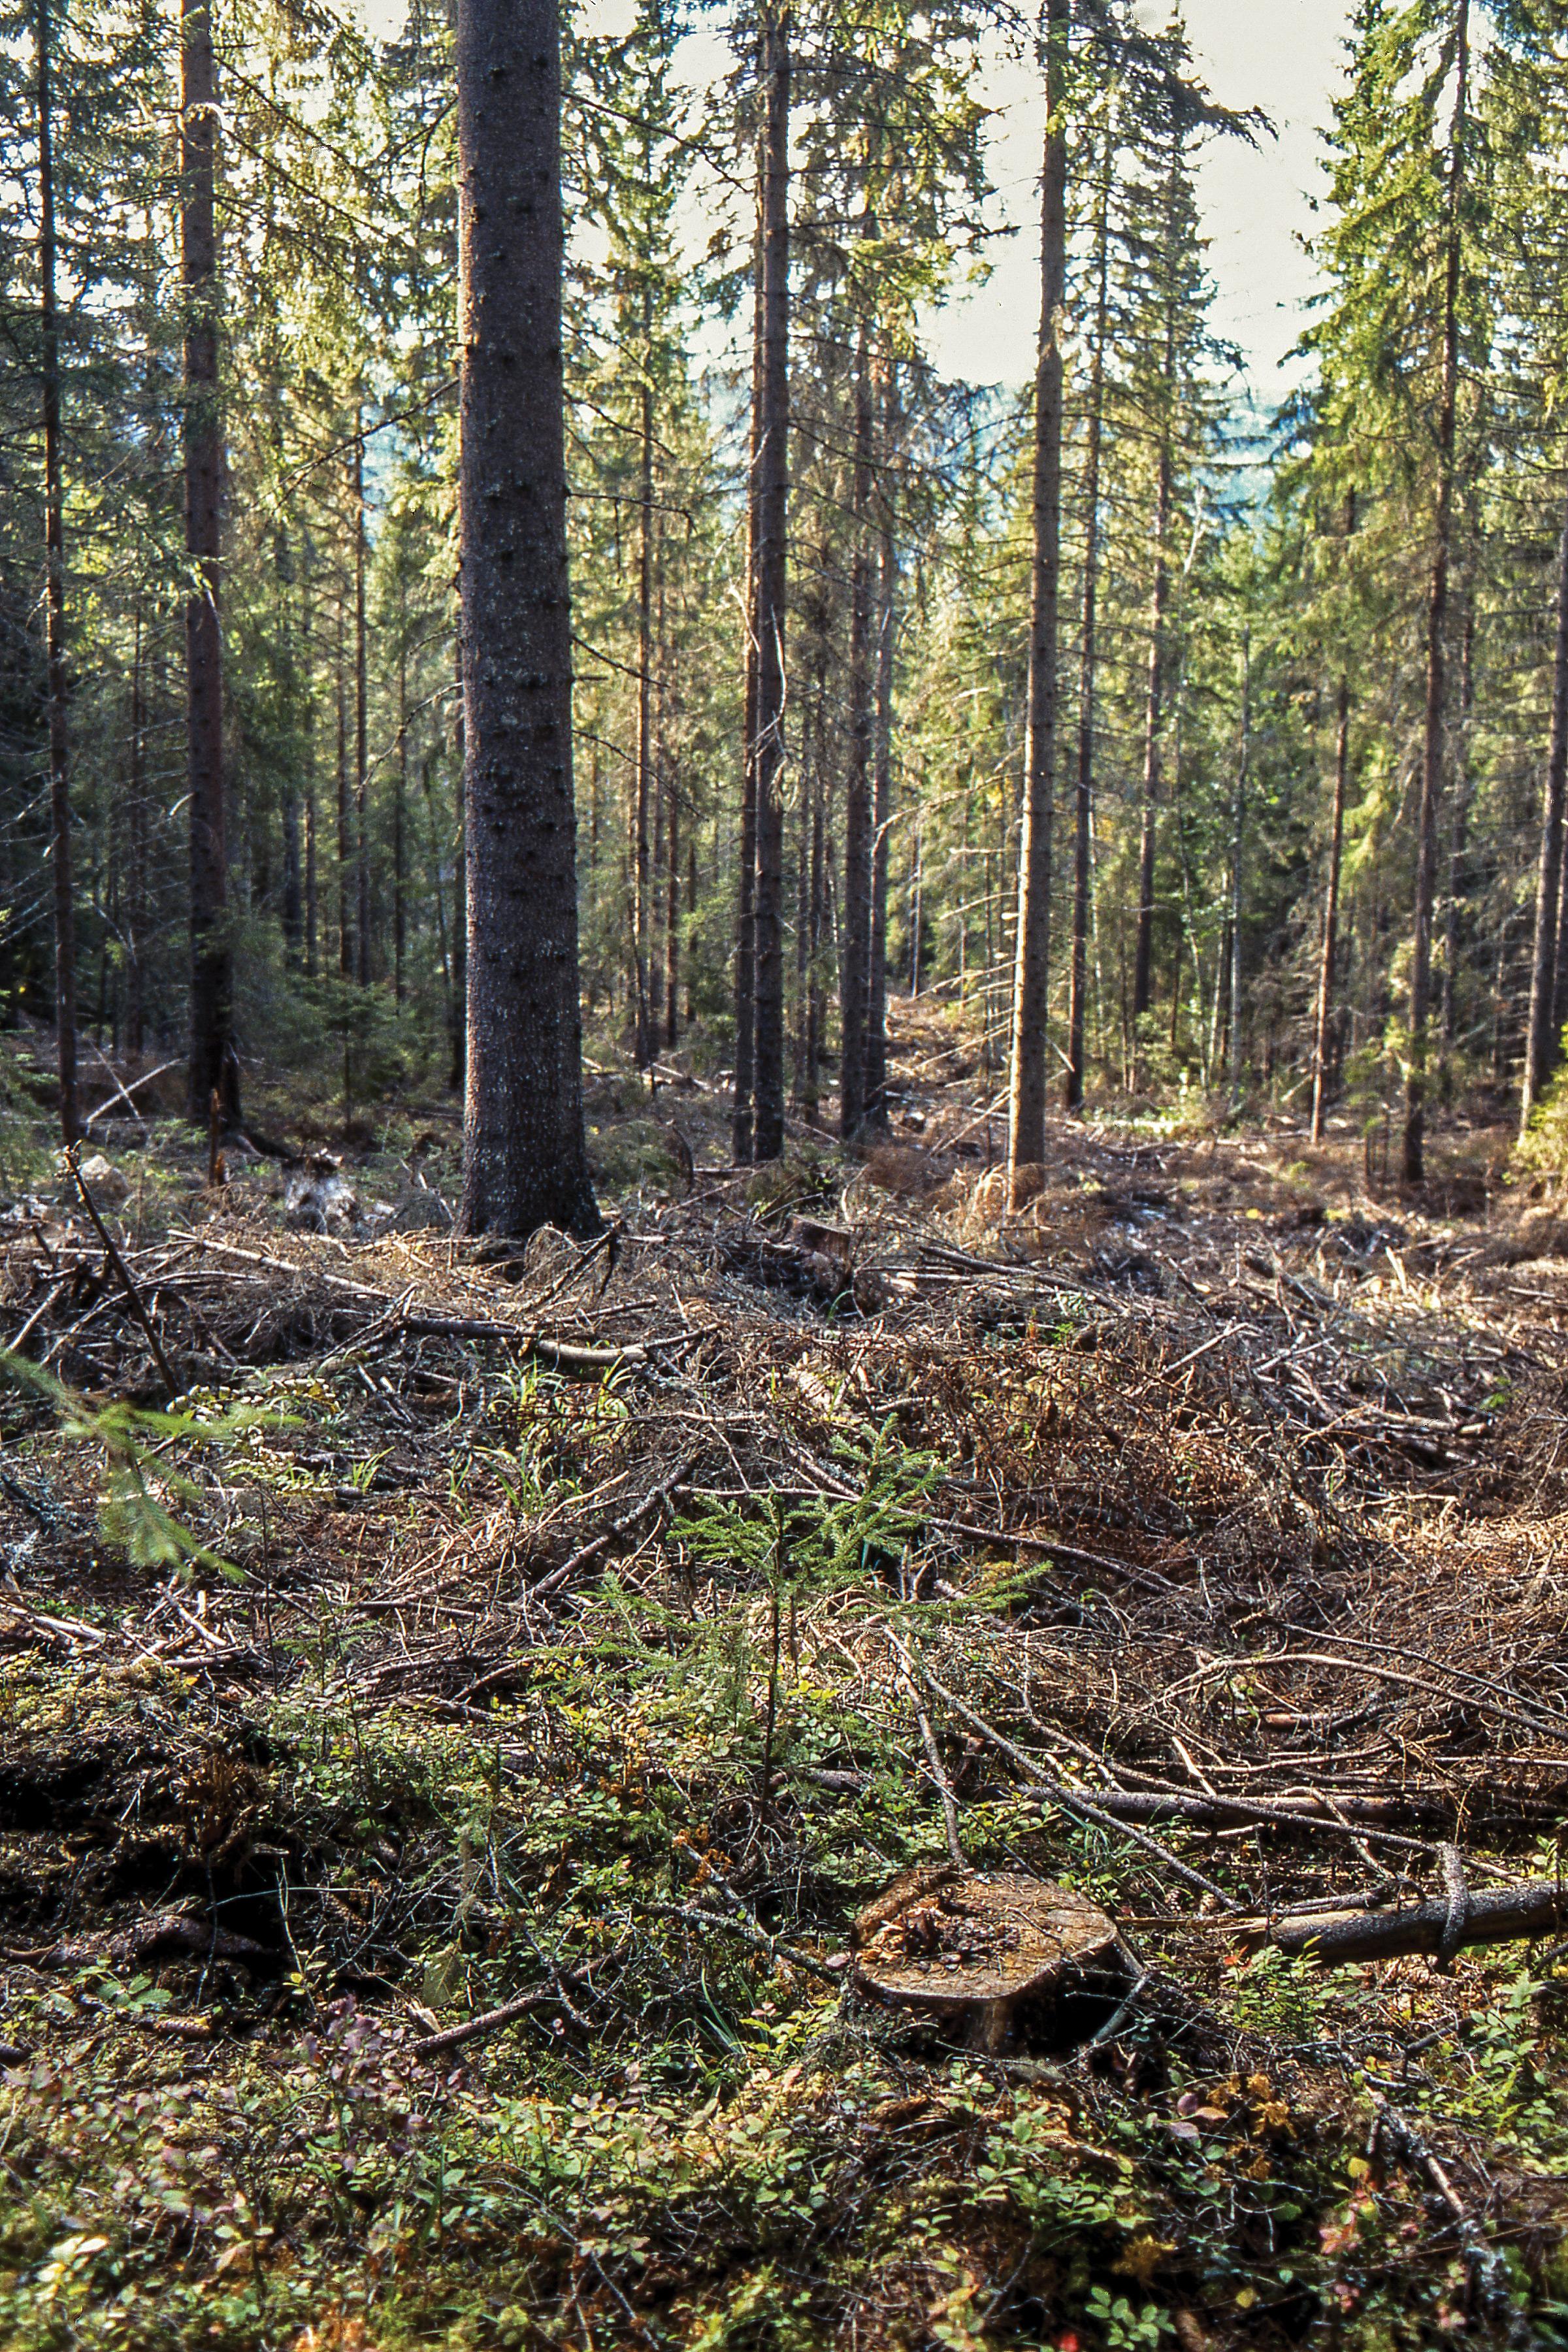 Andelen lukkede hogster utgjorde cirka sju prosent av foryngelsesarealet som ble kontrollert i 2016. Rendalen, Hedmark. Foto: John Yngvar Larsson, NIBIO